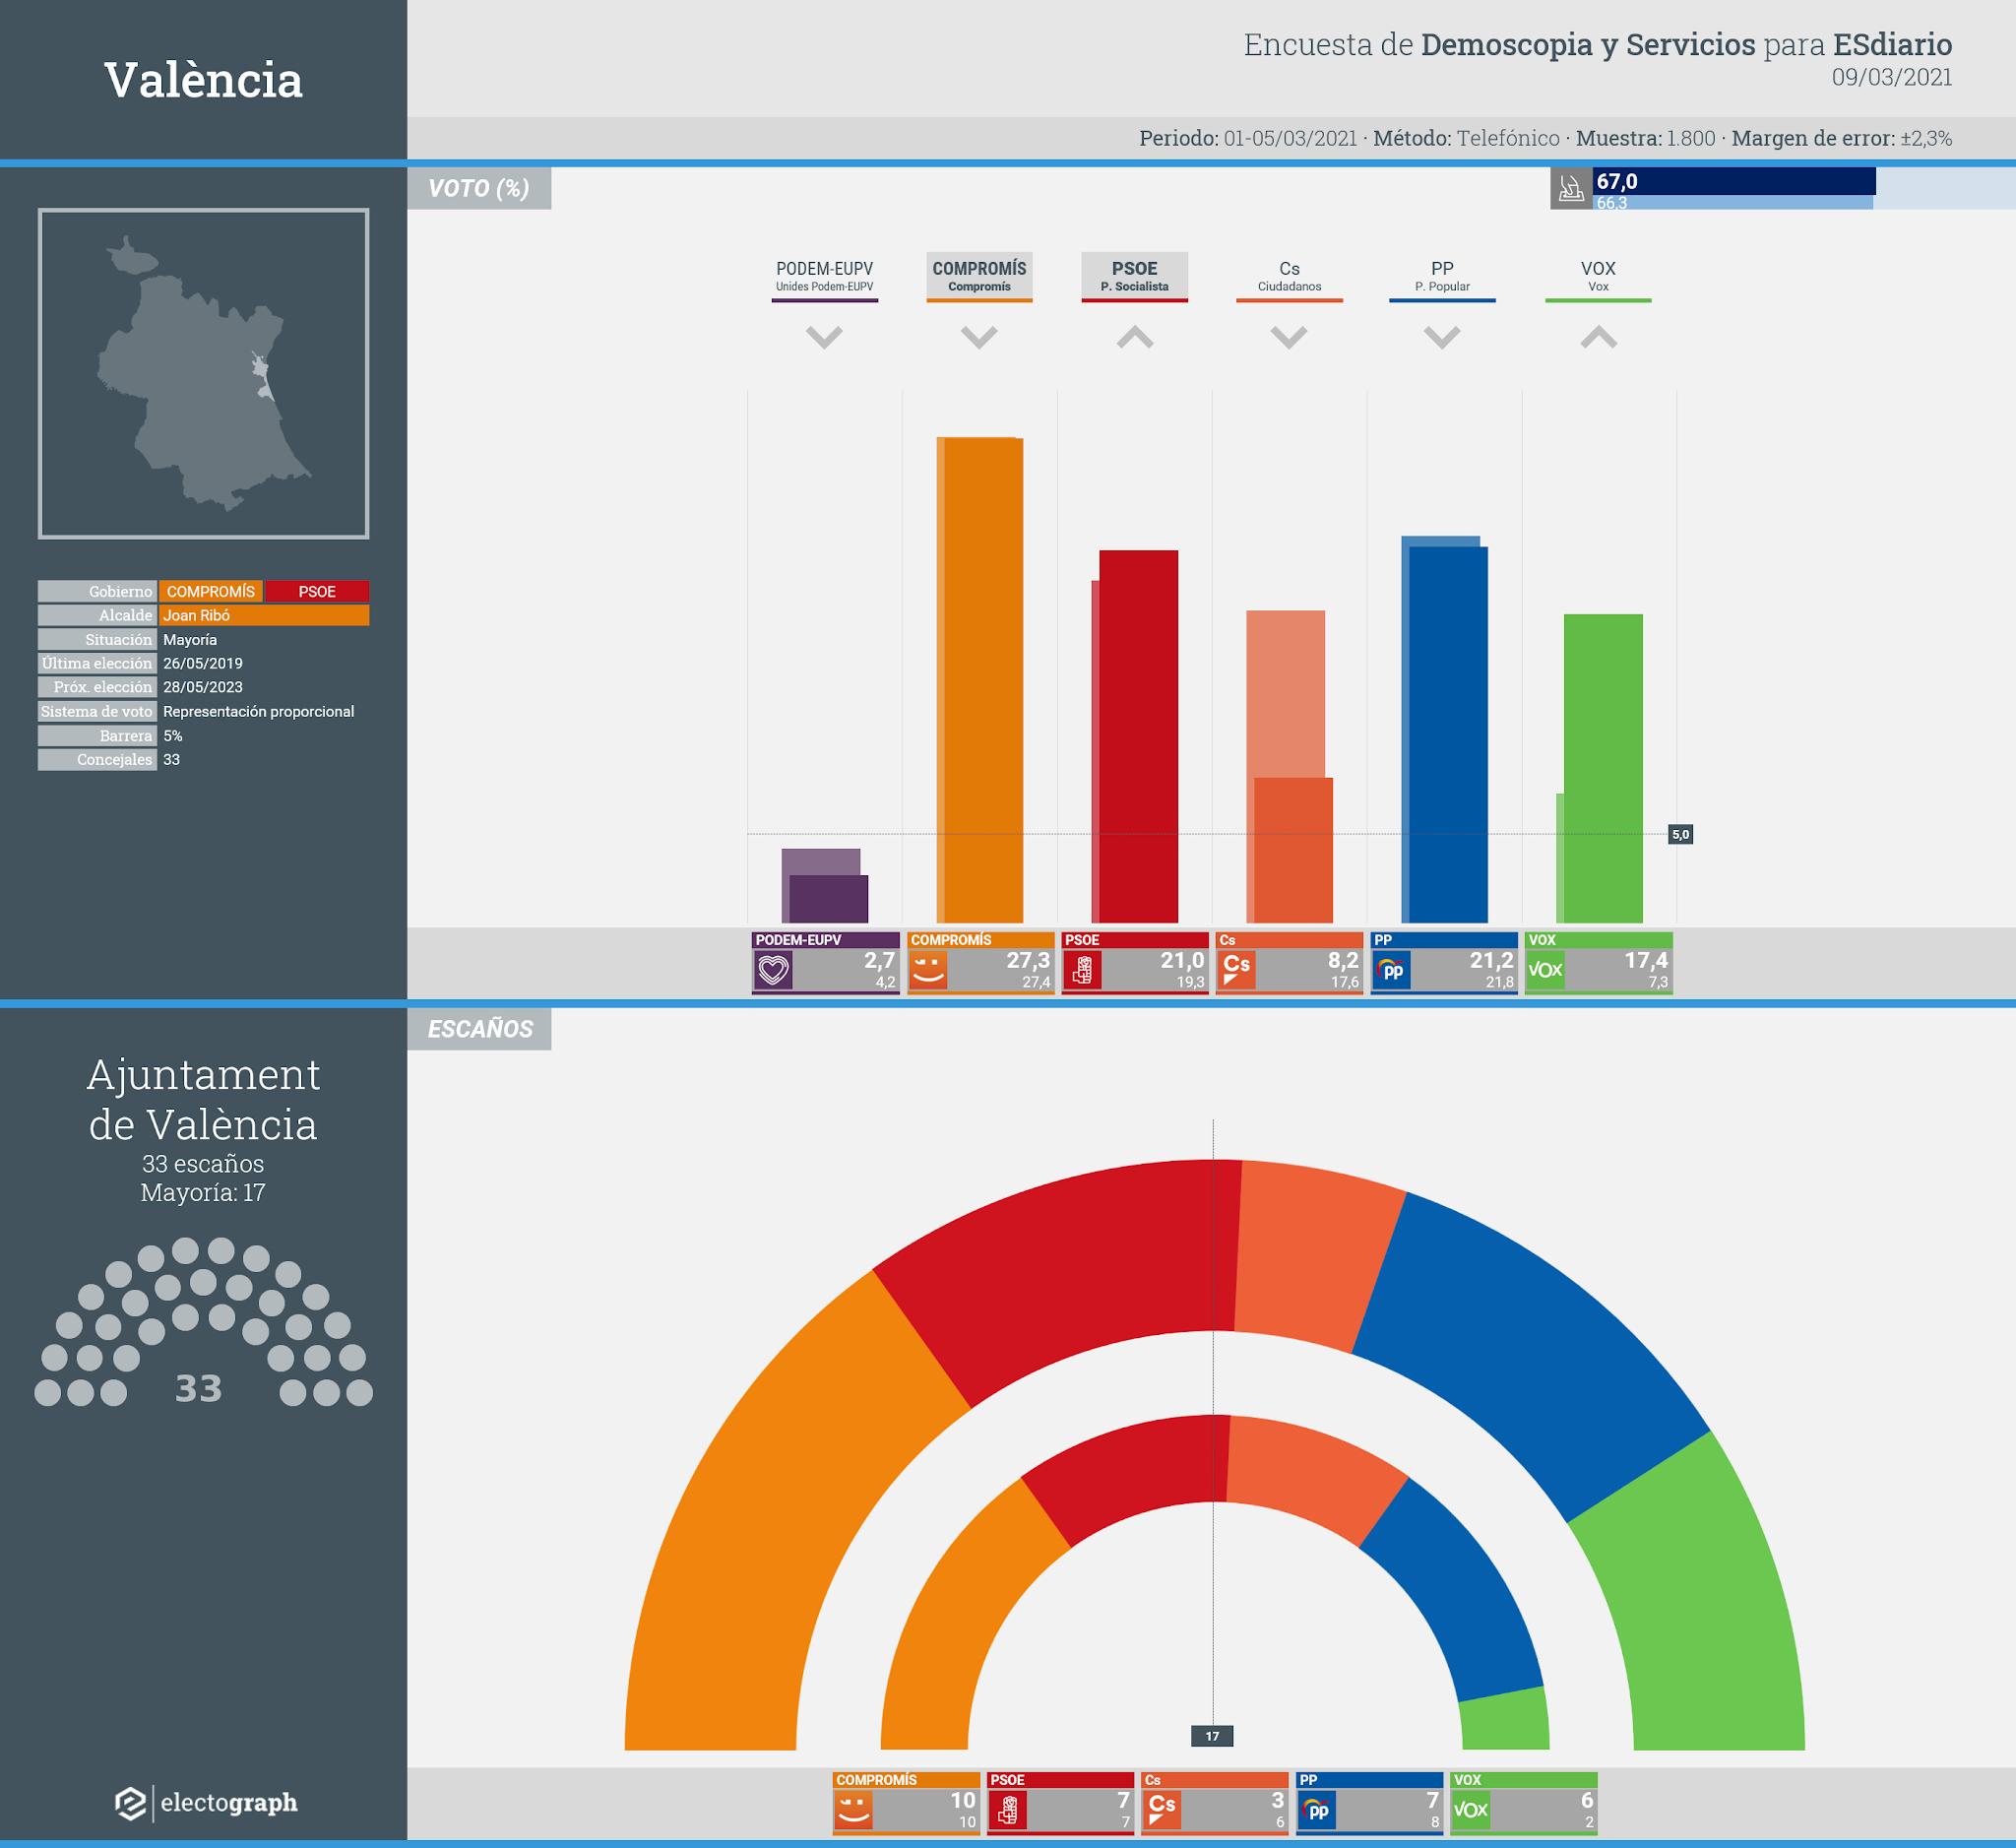 Gráfico de la encuesta para elecciones municipales en València realizada por Demoscopia y Servicios para ESdiario, 9 de marzo de 2020